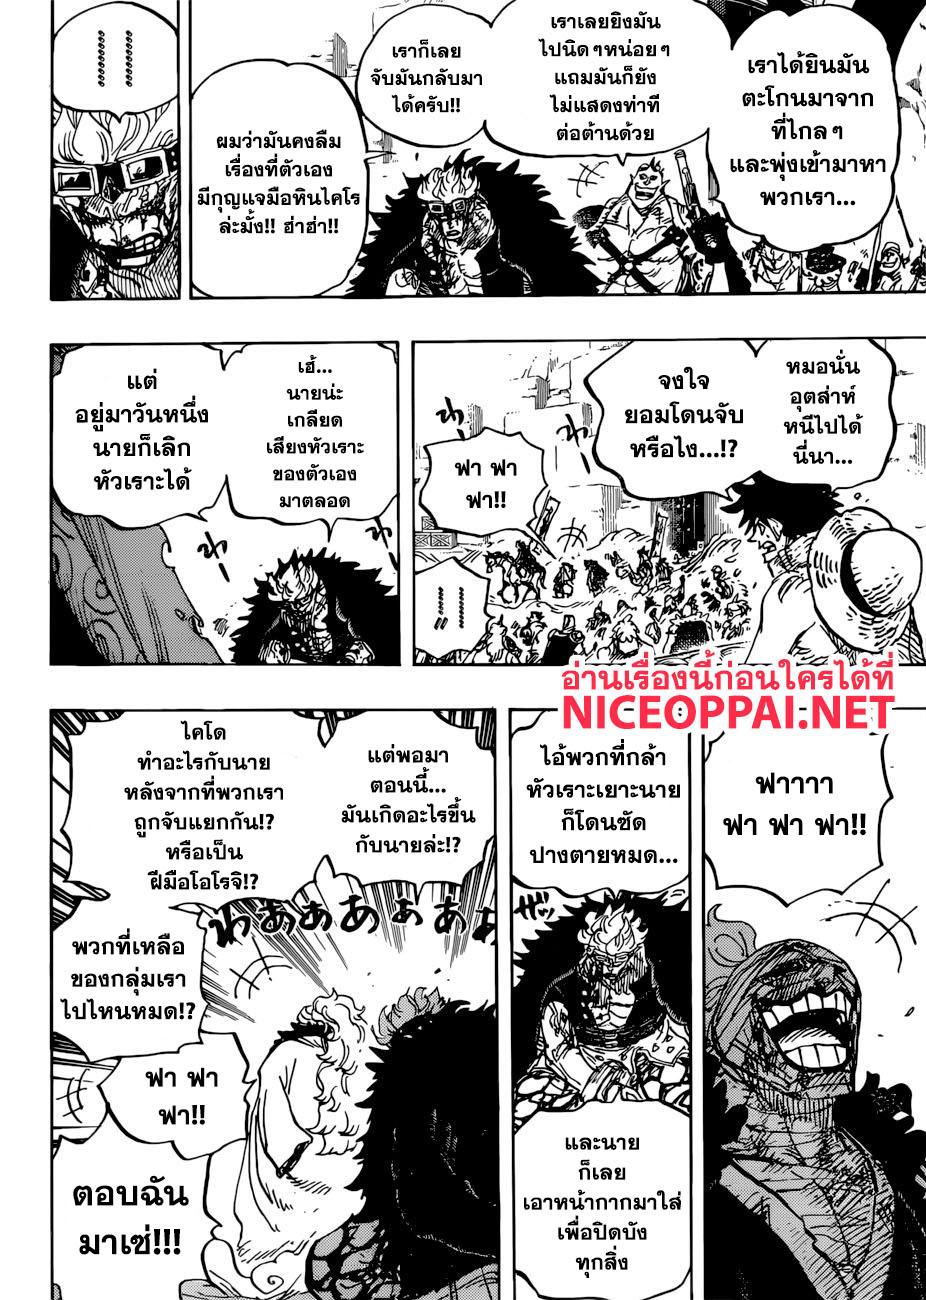 อ่านการ์ตูน One Piece ตอนที่ 944 หน้าที่ 12